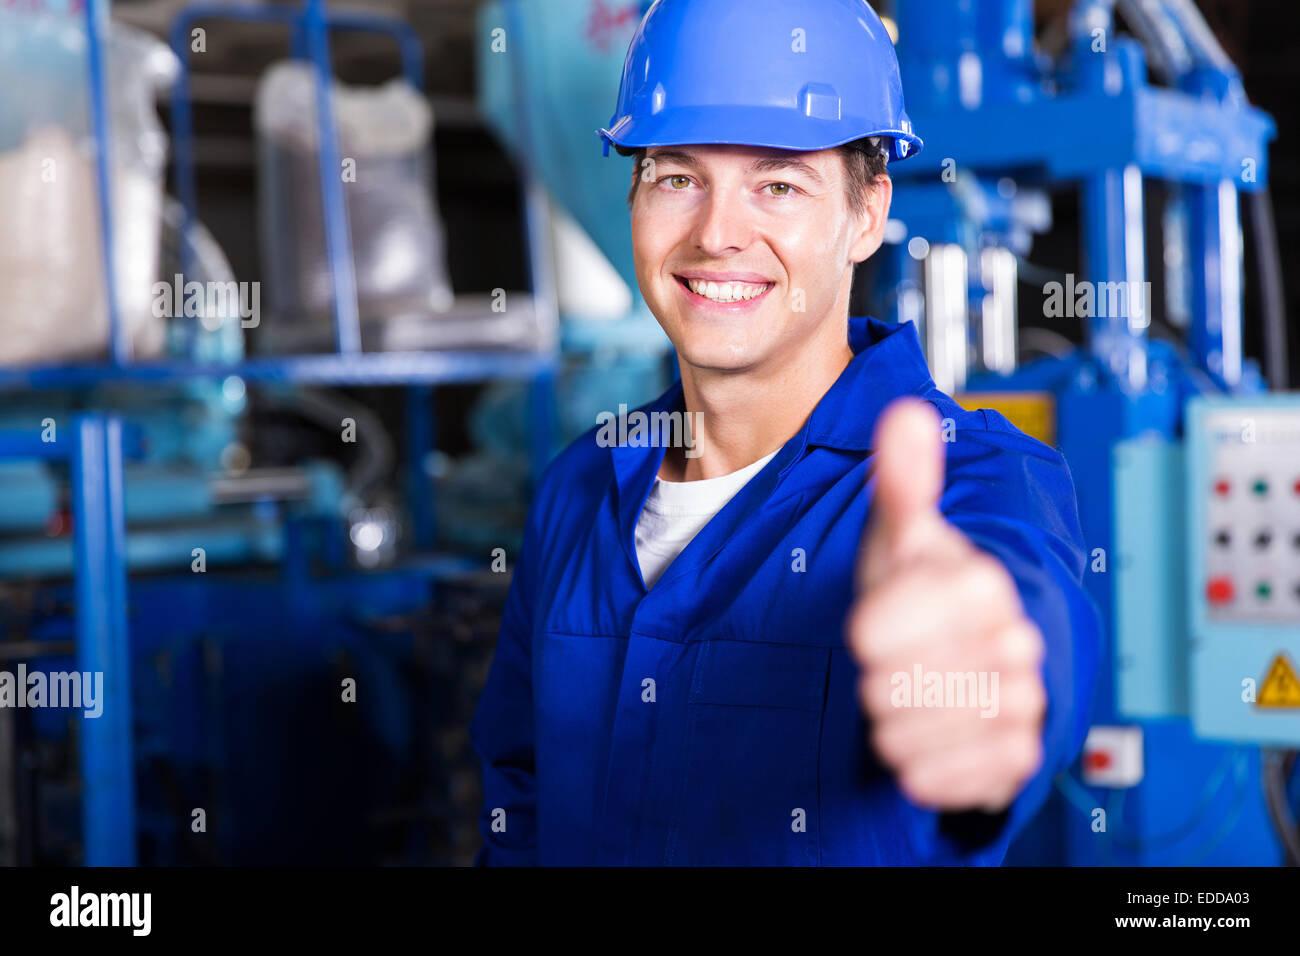 Allegro lavoratore pollice in su in fabbrica Immagini Stock